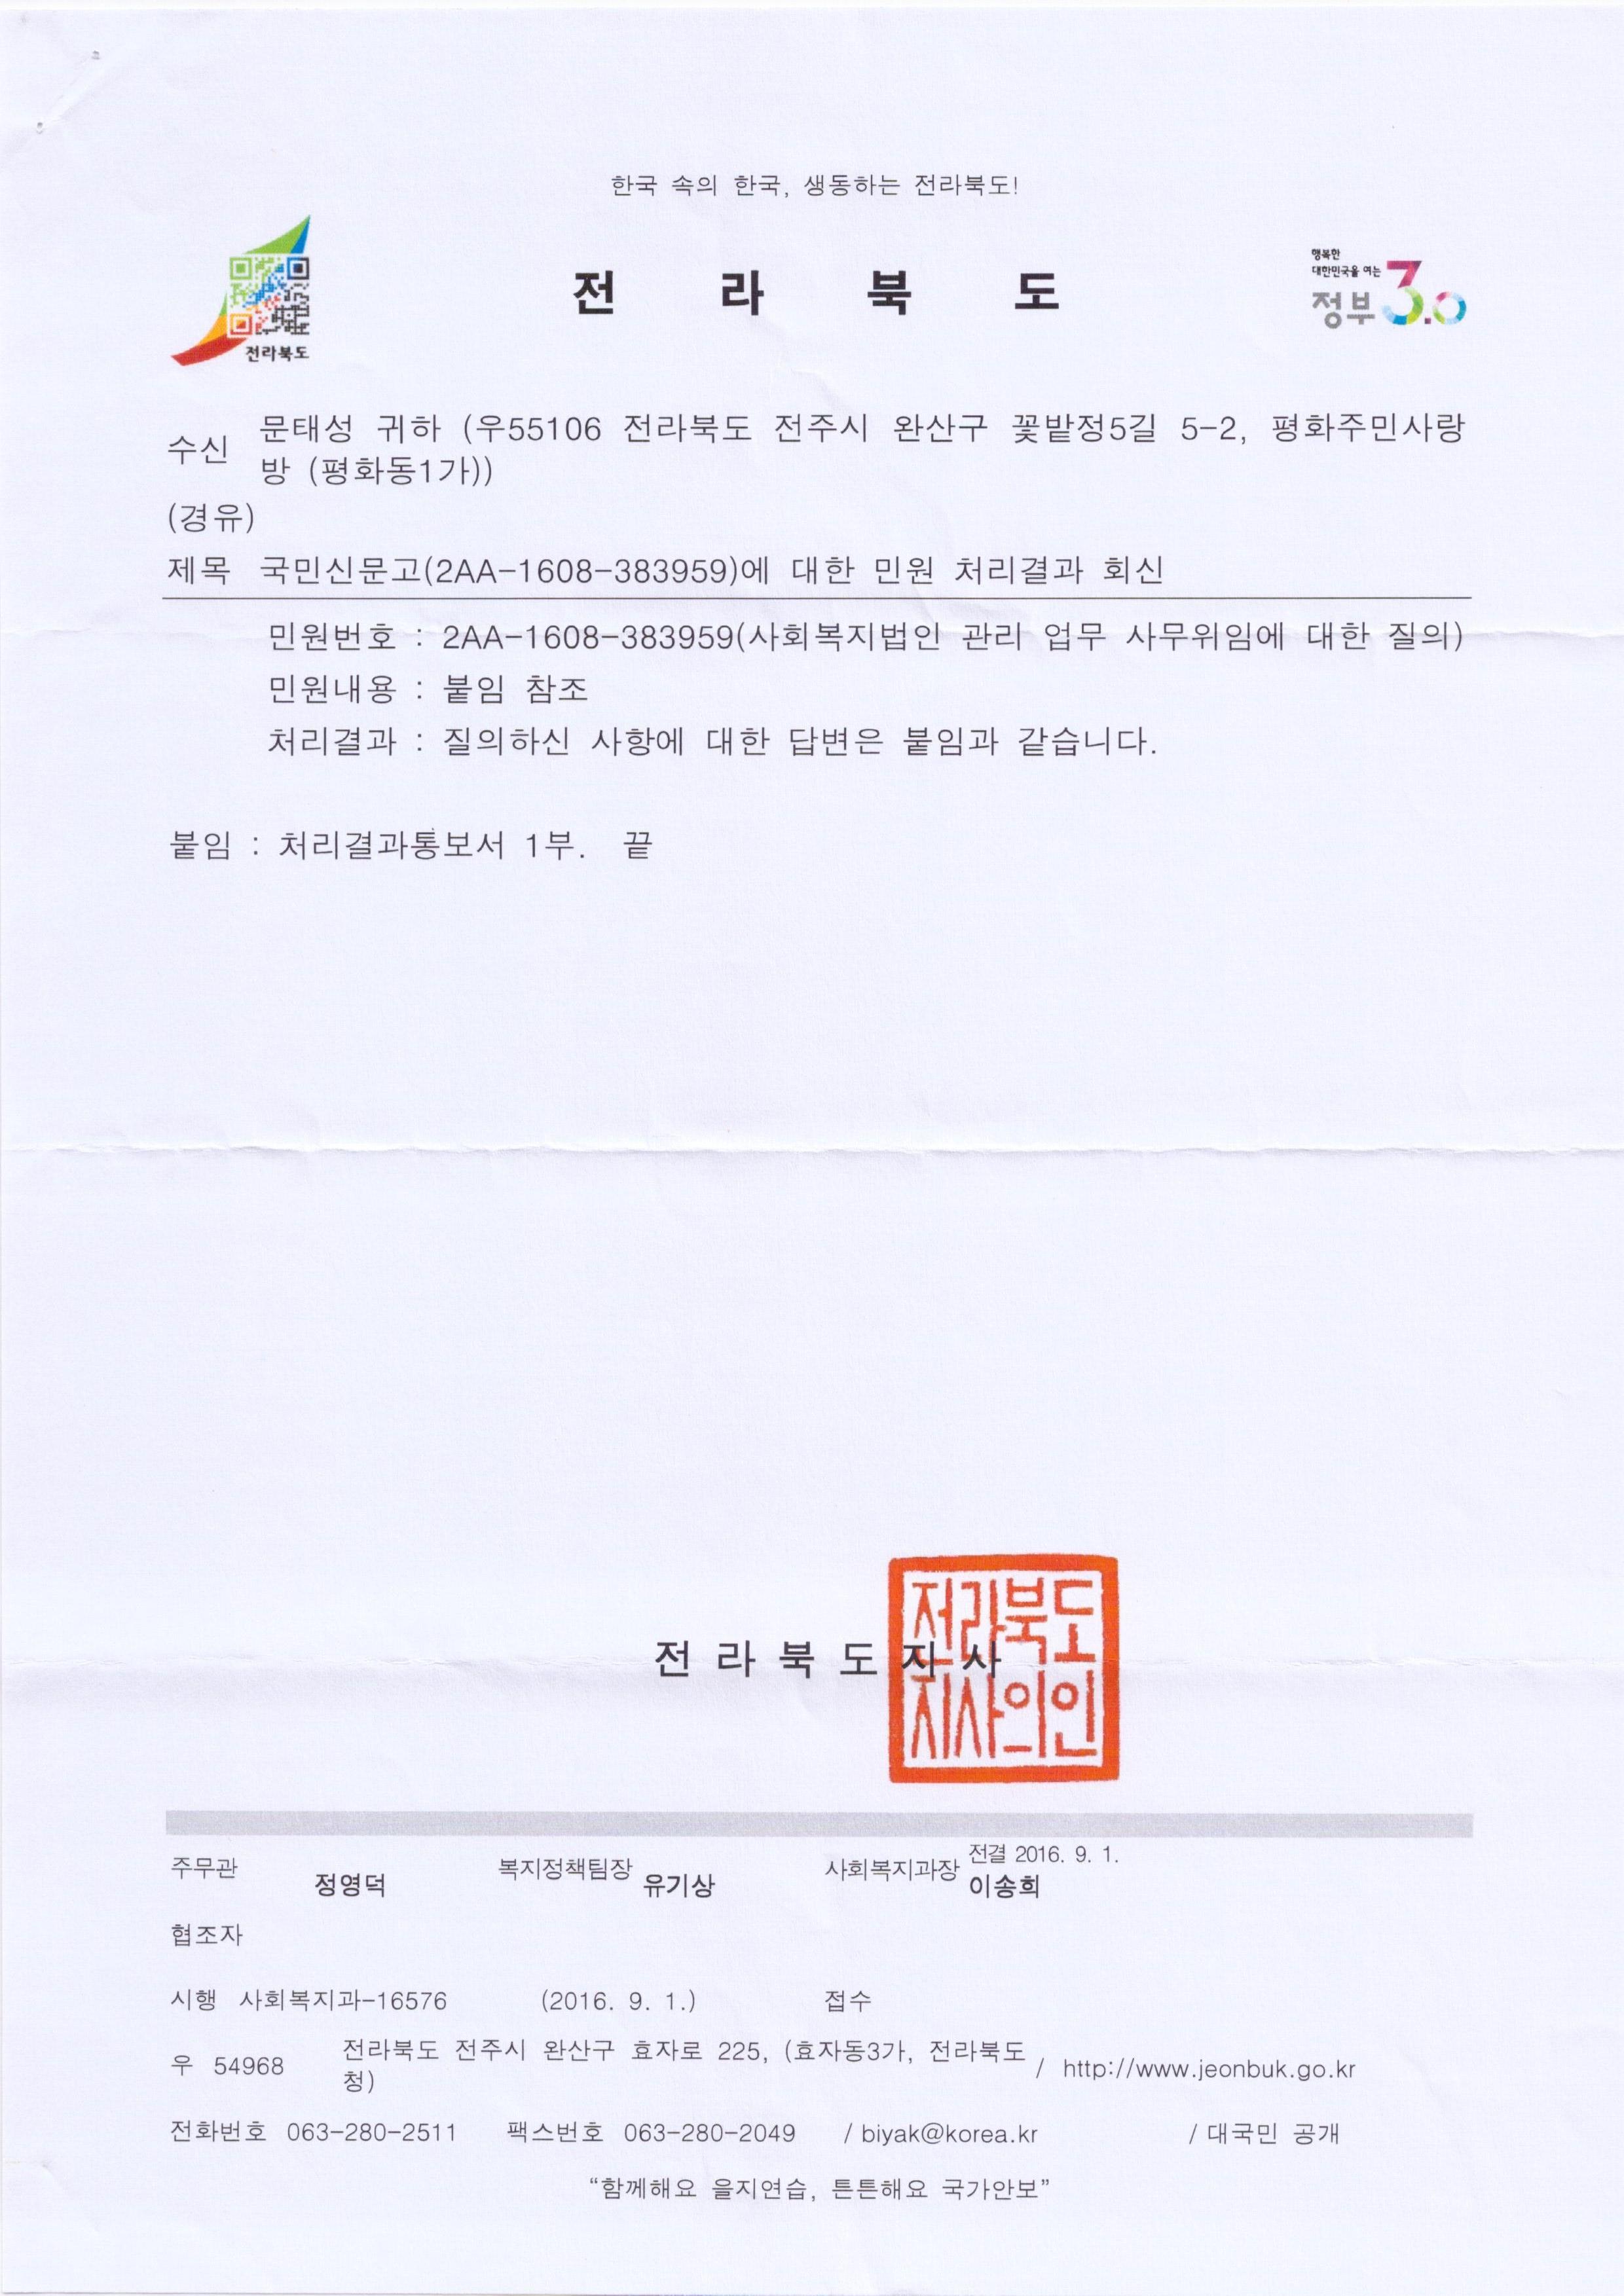 16.9.1_전북도 사회복지과-16576(사회복지법인 사무위임 회신 001.jpg